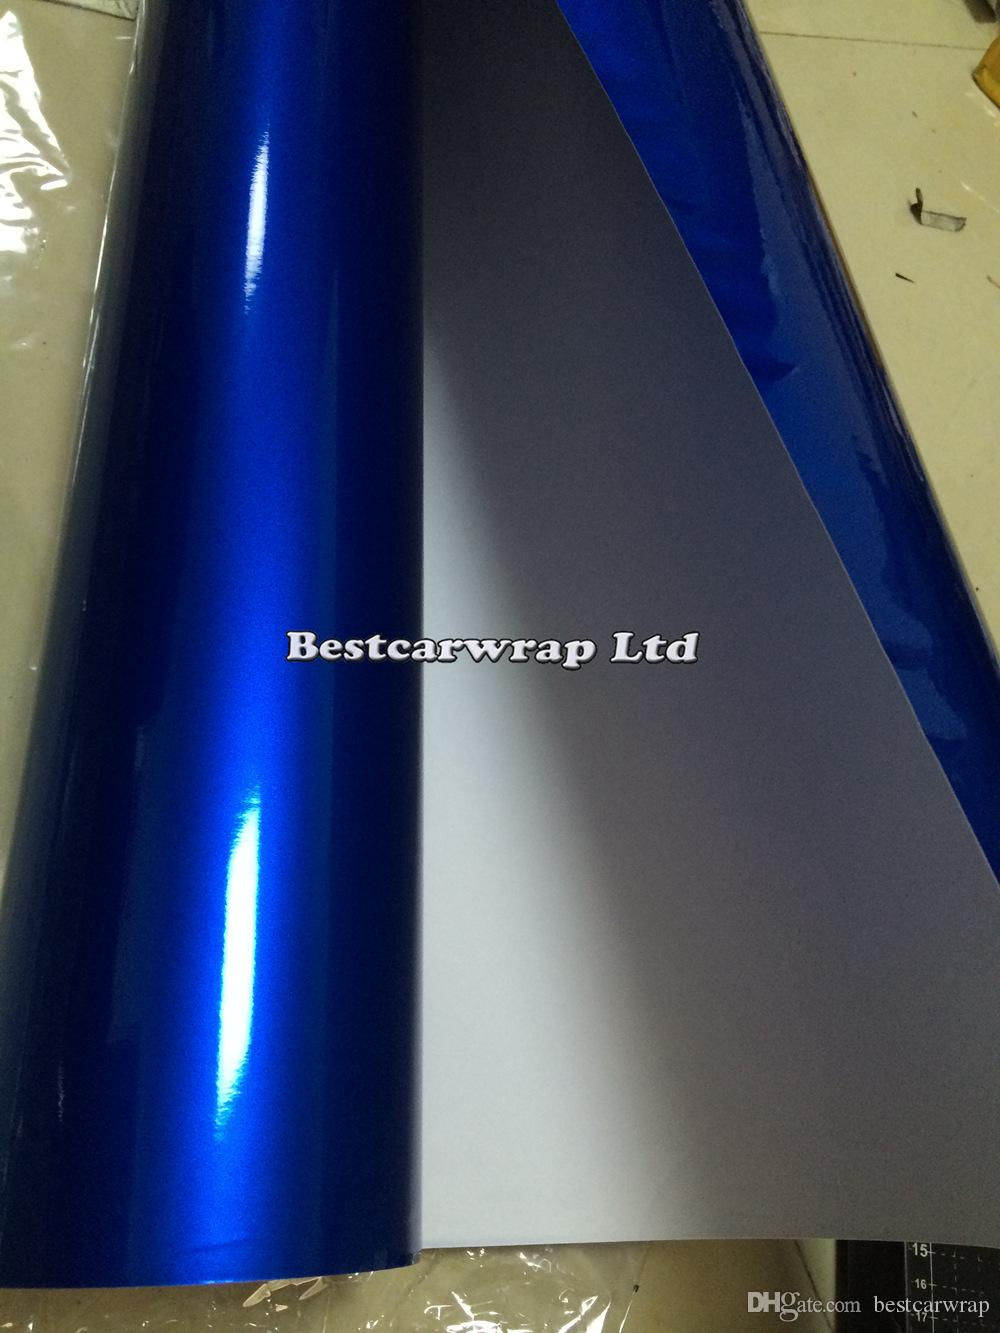 Abrigo azul metálico brillante del coche del abrigo del vinilo con la burbuja del aire Metal libre brillante azul marino Envoltura completa del vehículo foile Tamaño: 1.52 * 20M / Rollo